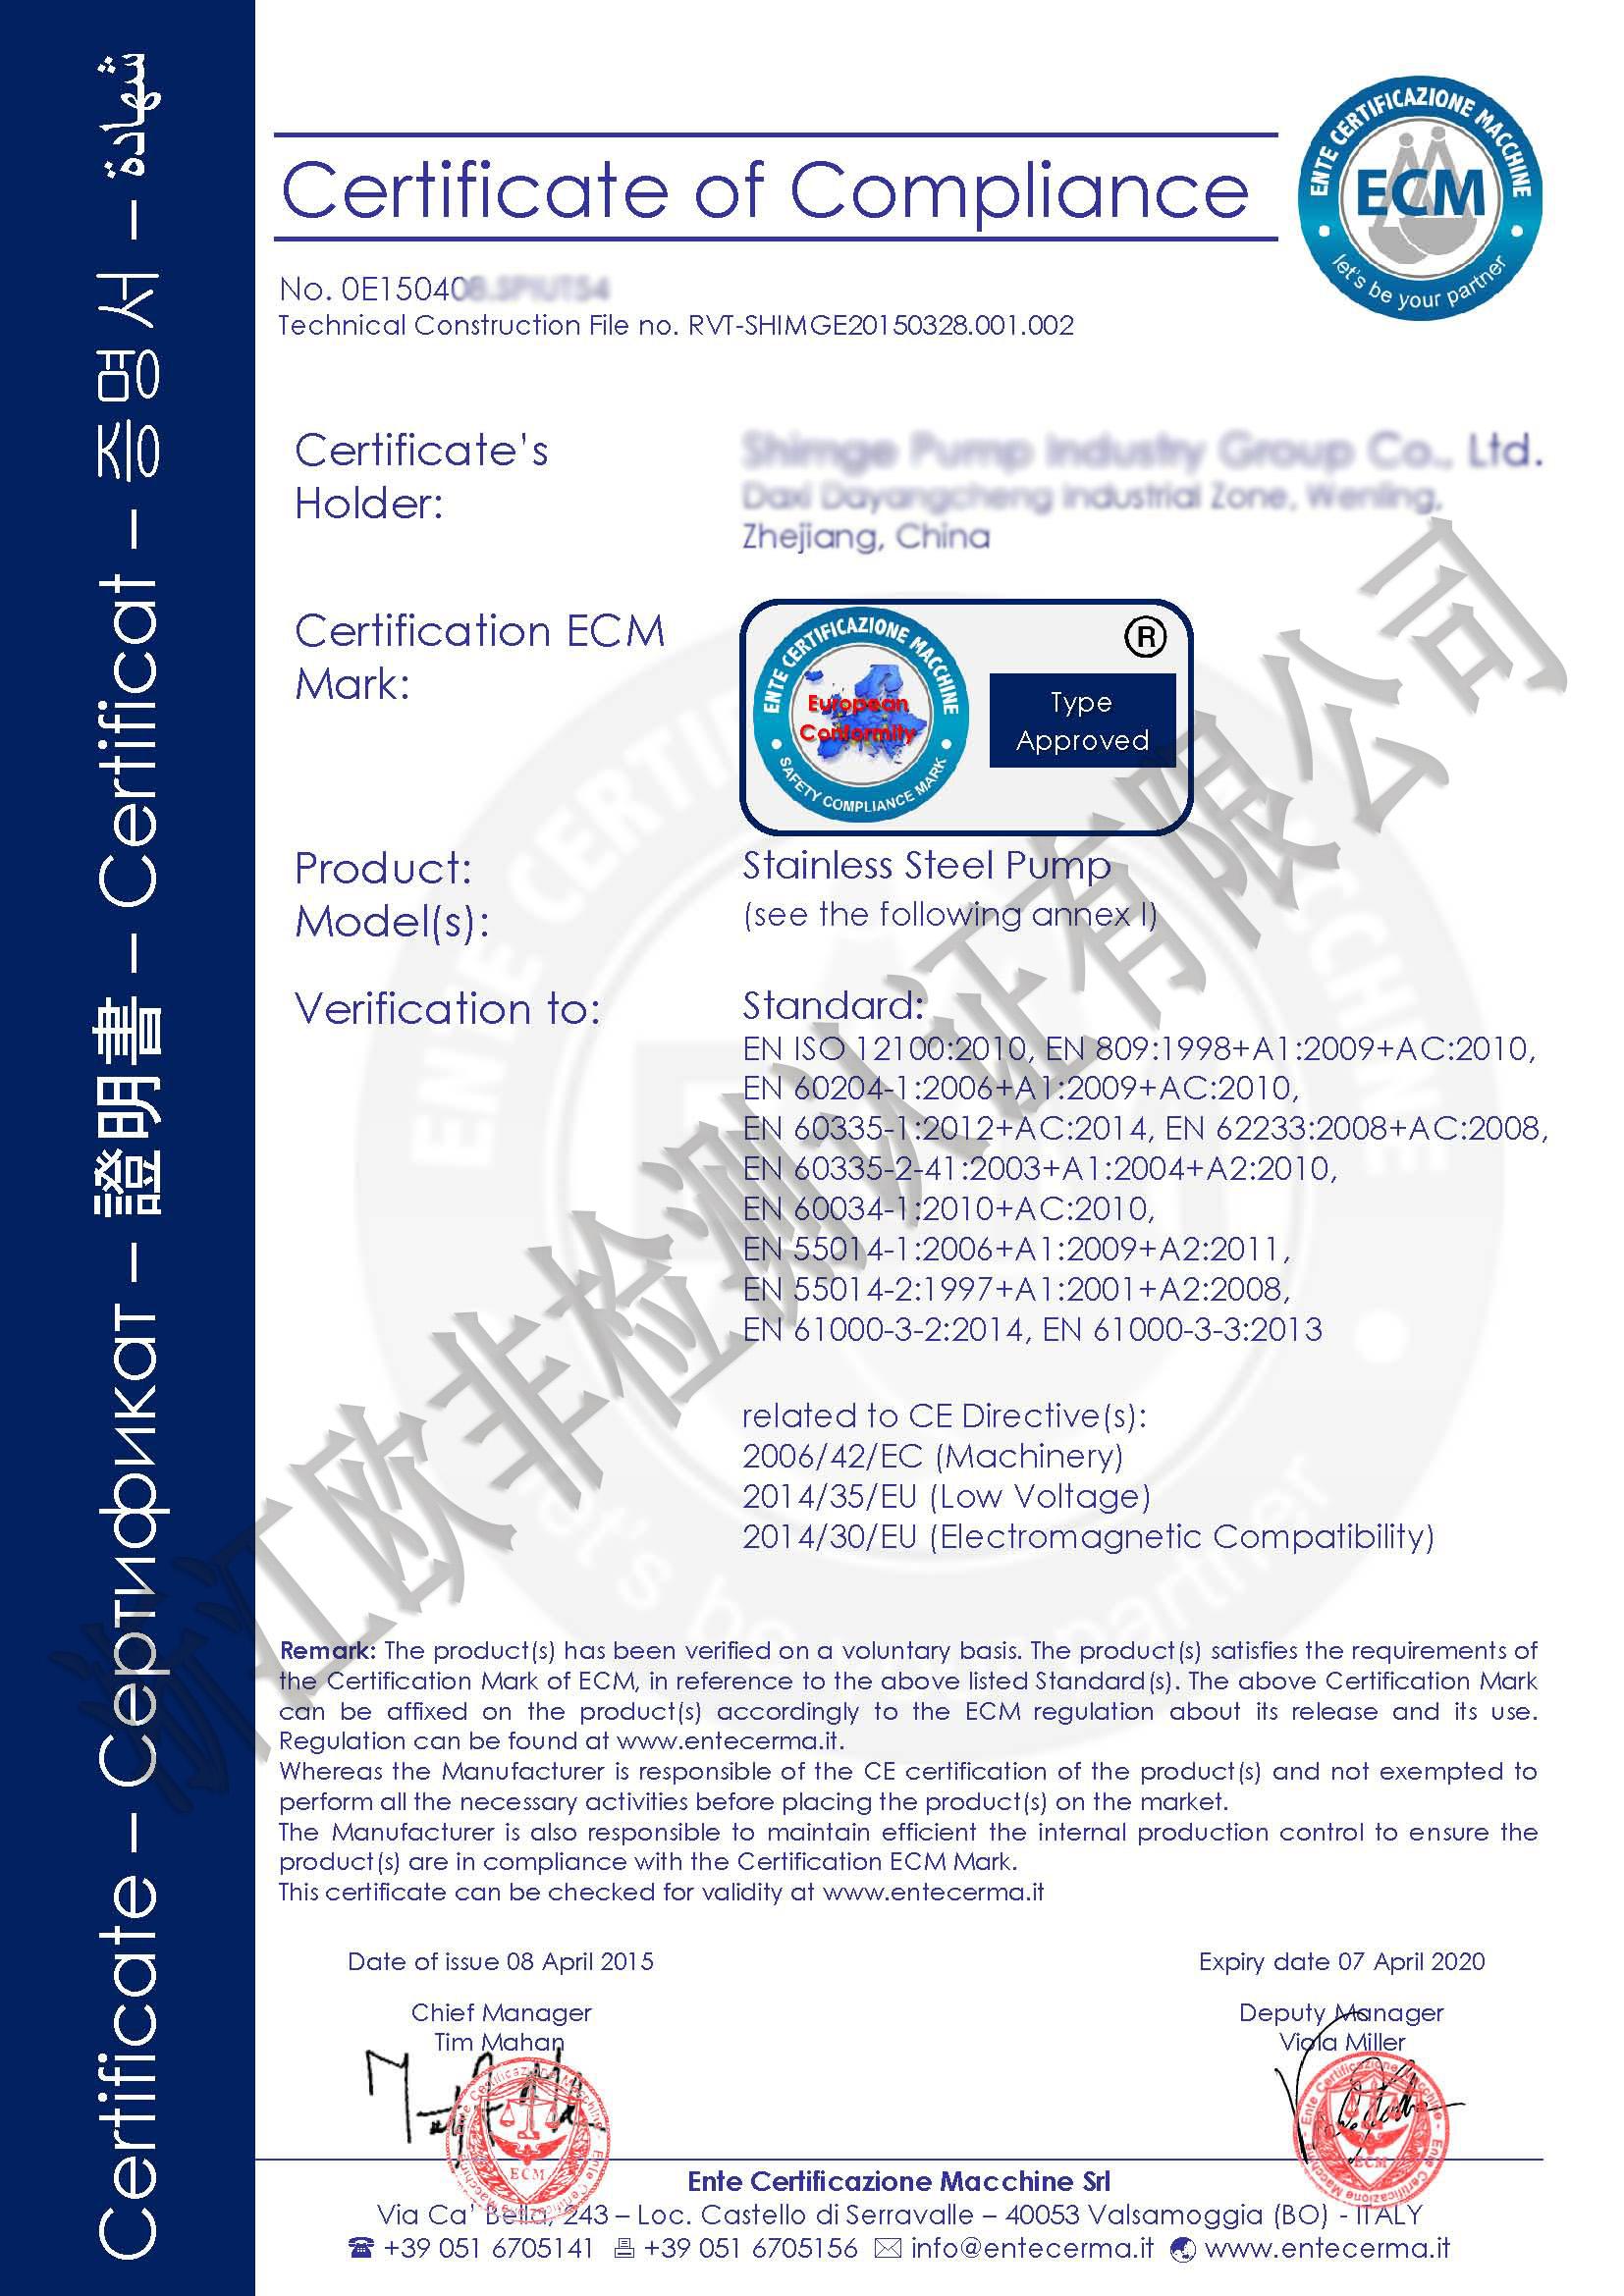 欧盟CE证书-ECM